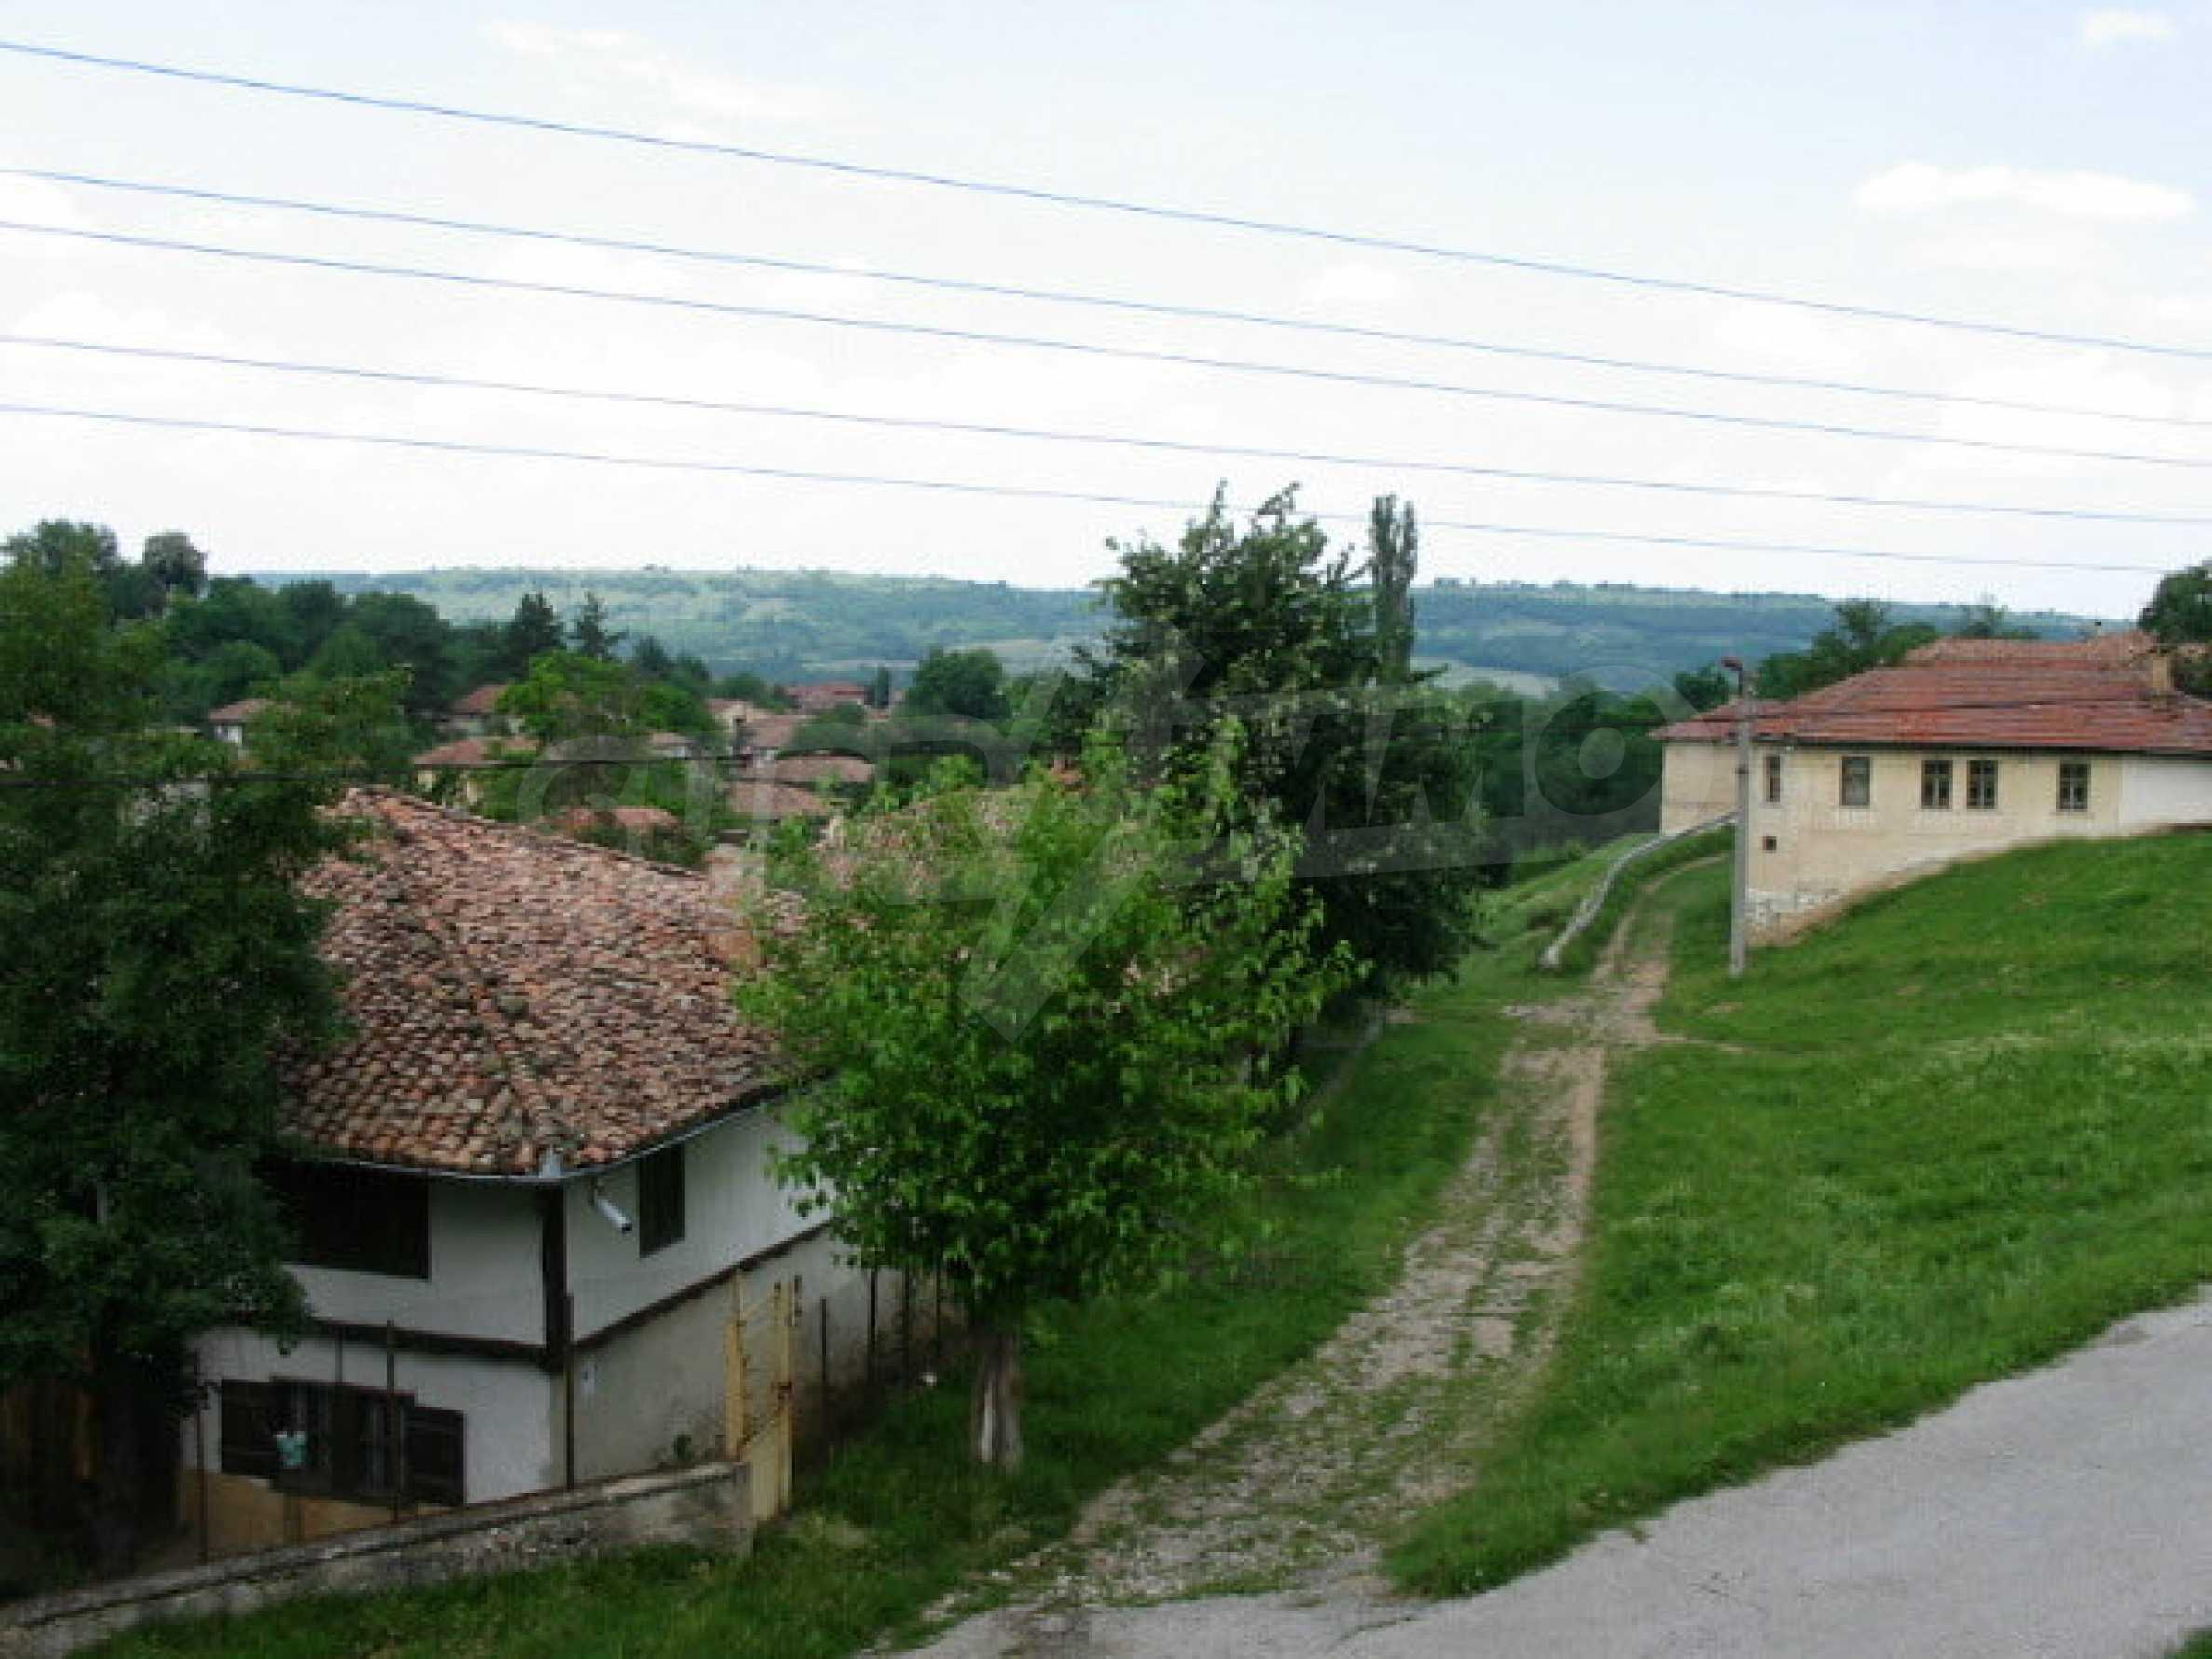 Двухэатжный дом, выстроенный в традиционном болгарском стиле 11